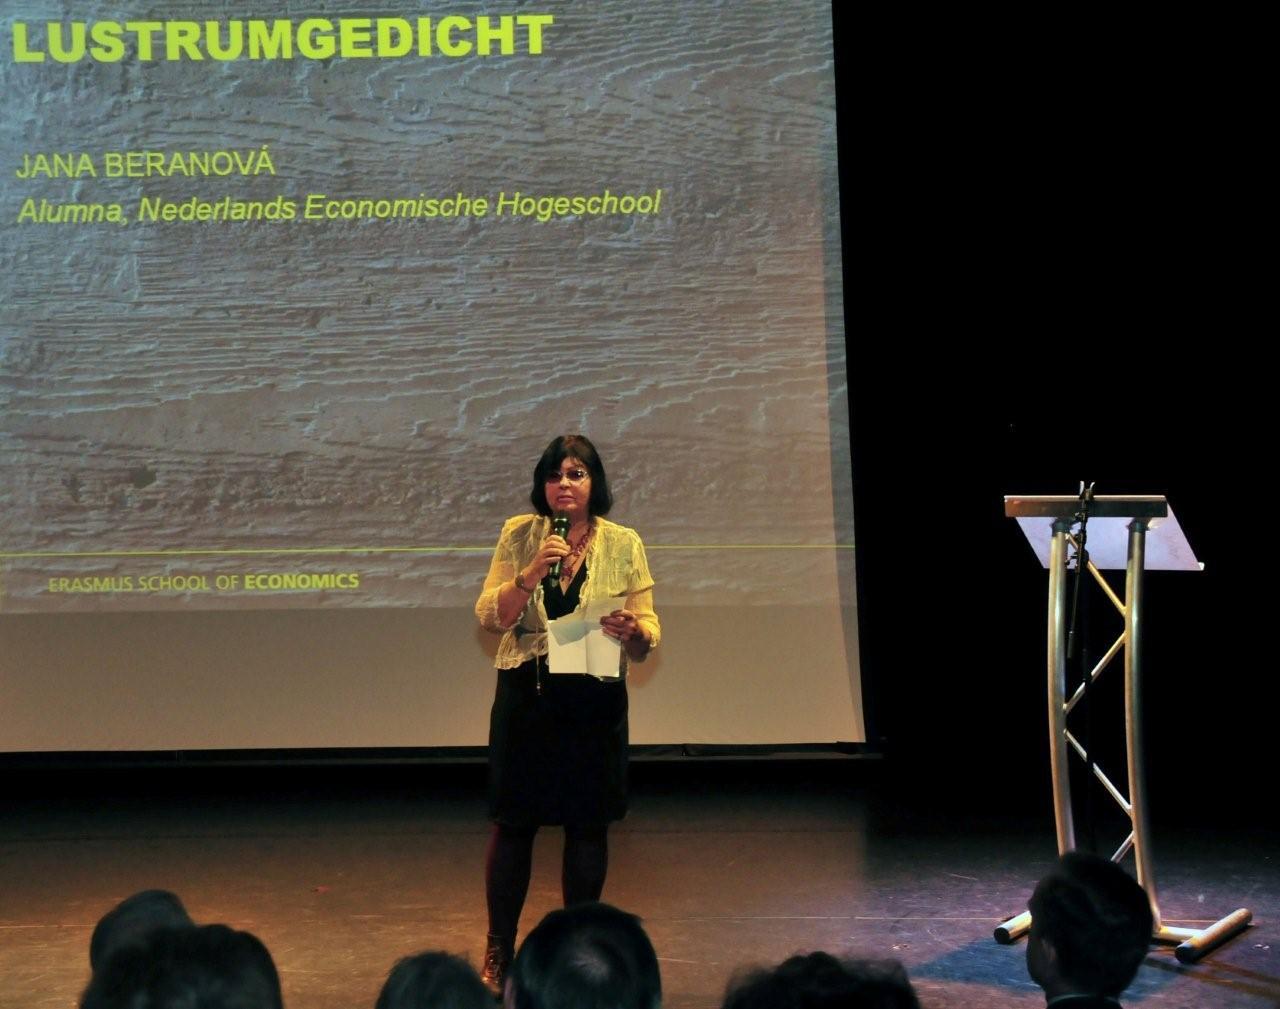 Van voormalig stadsdichter Jana Beranová, afgestudeerd aan de NEH, was er een prachtig gedicht te horen genaamd 'Grenzeloos weiland', over het studentenleven.